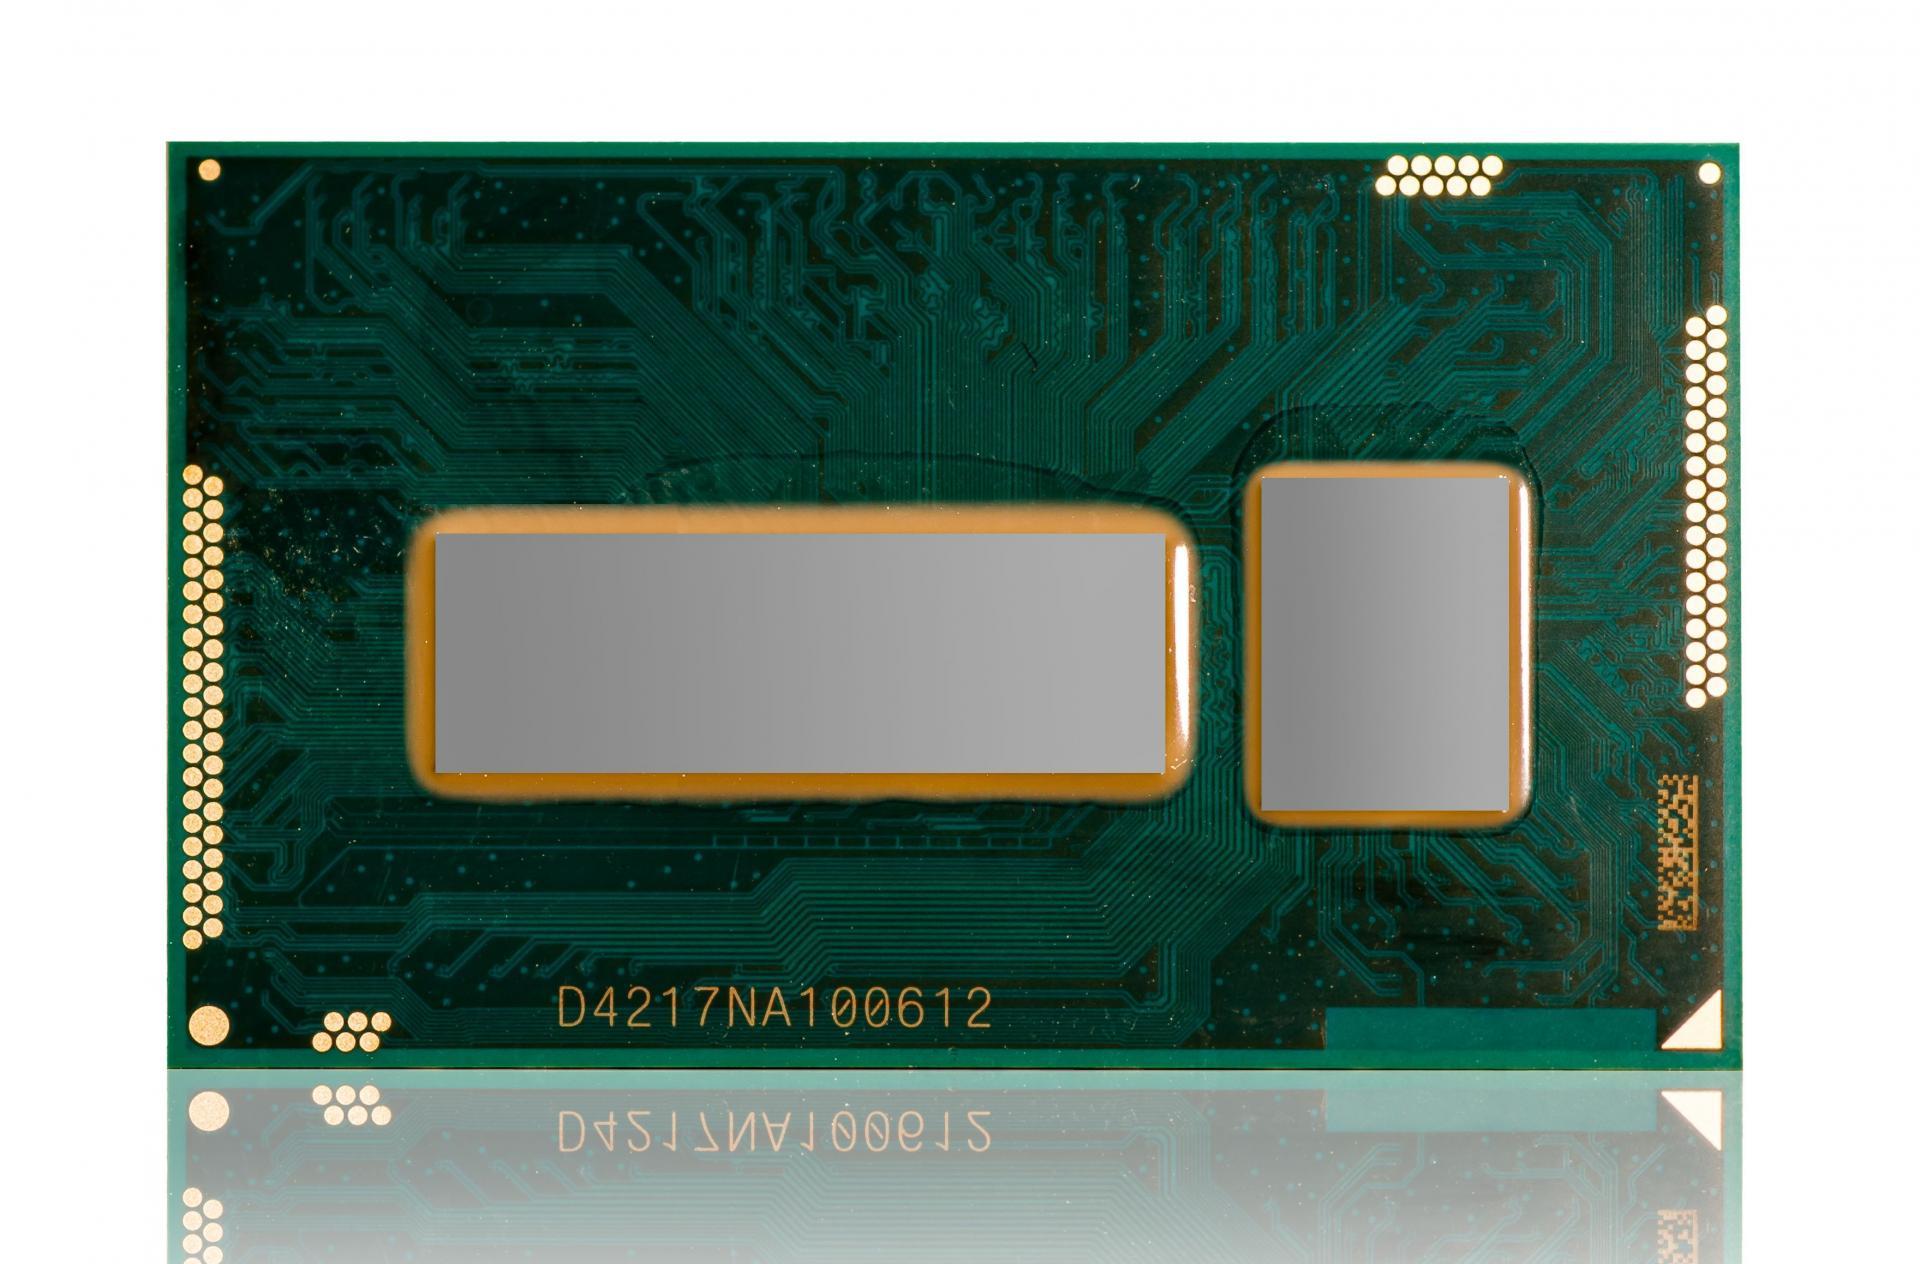 Non installate la patch per Spectre e Meltdown di Intel, lo dice Intel